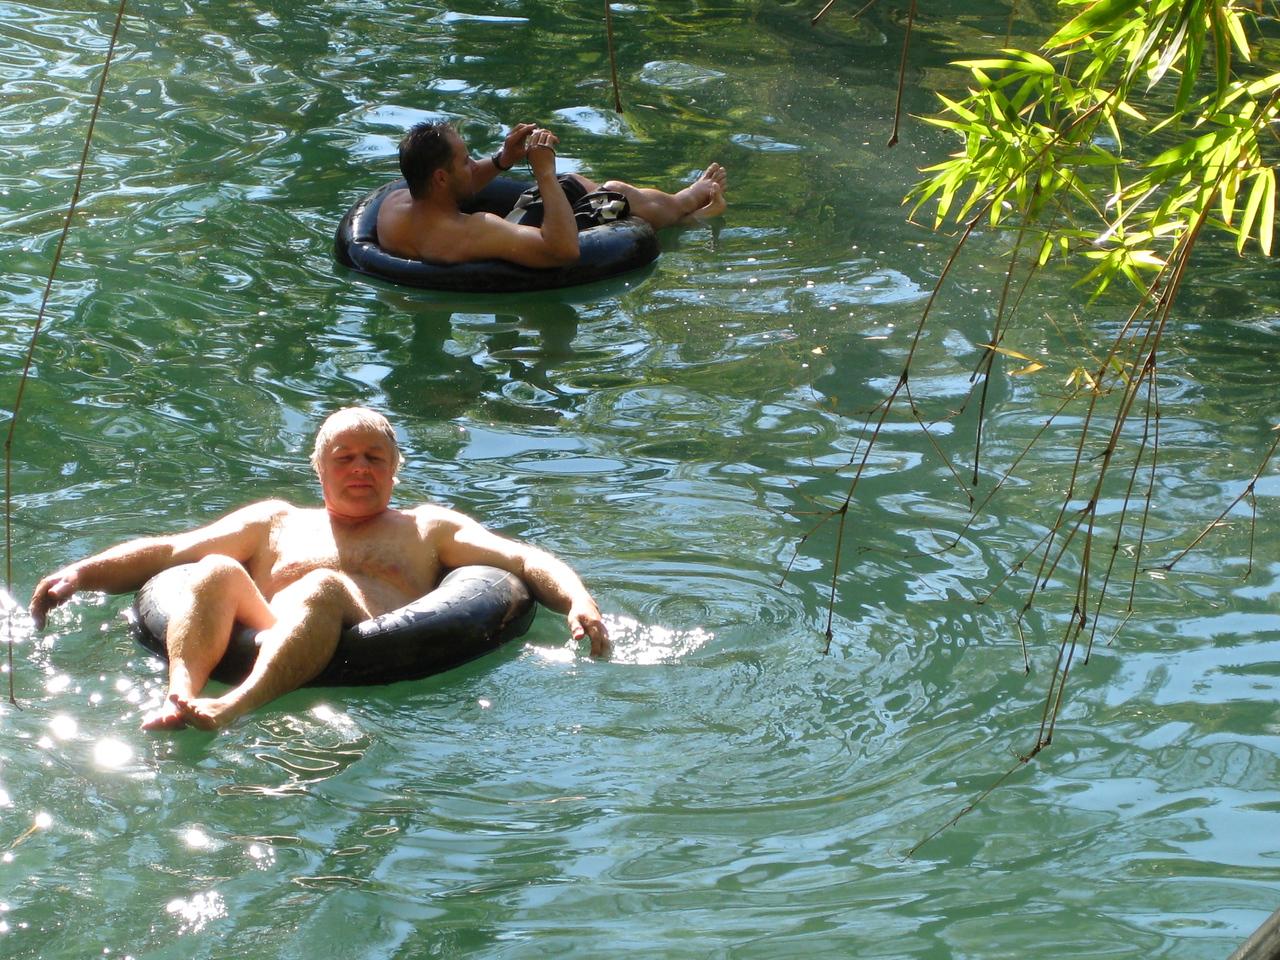 David swimming at Adels Grove.